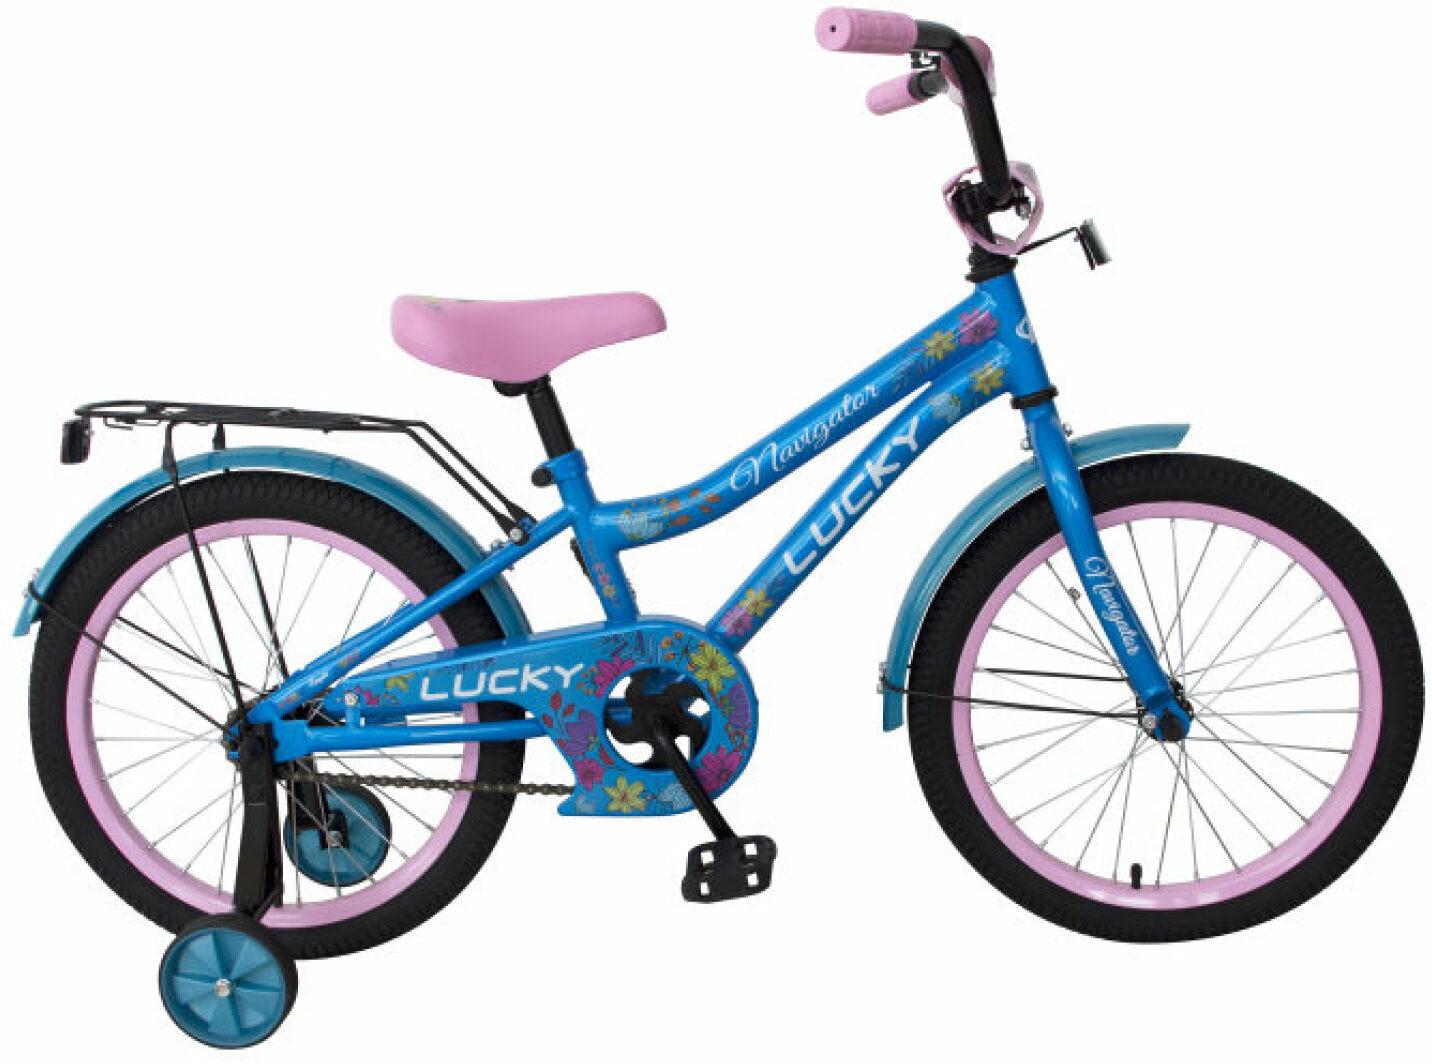 Велосипед детский Navigator Lucky, ВН16133, голубой, розовый, колесо 16